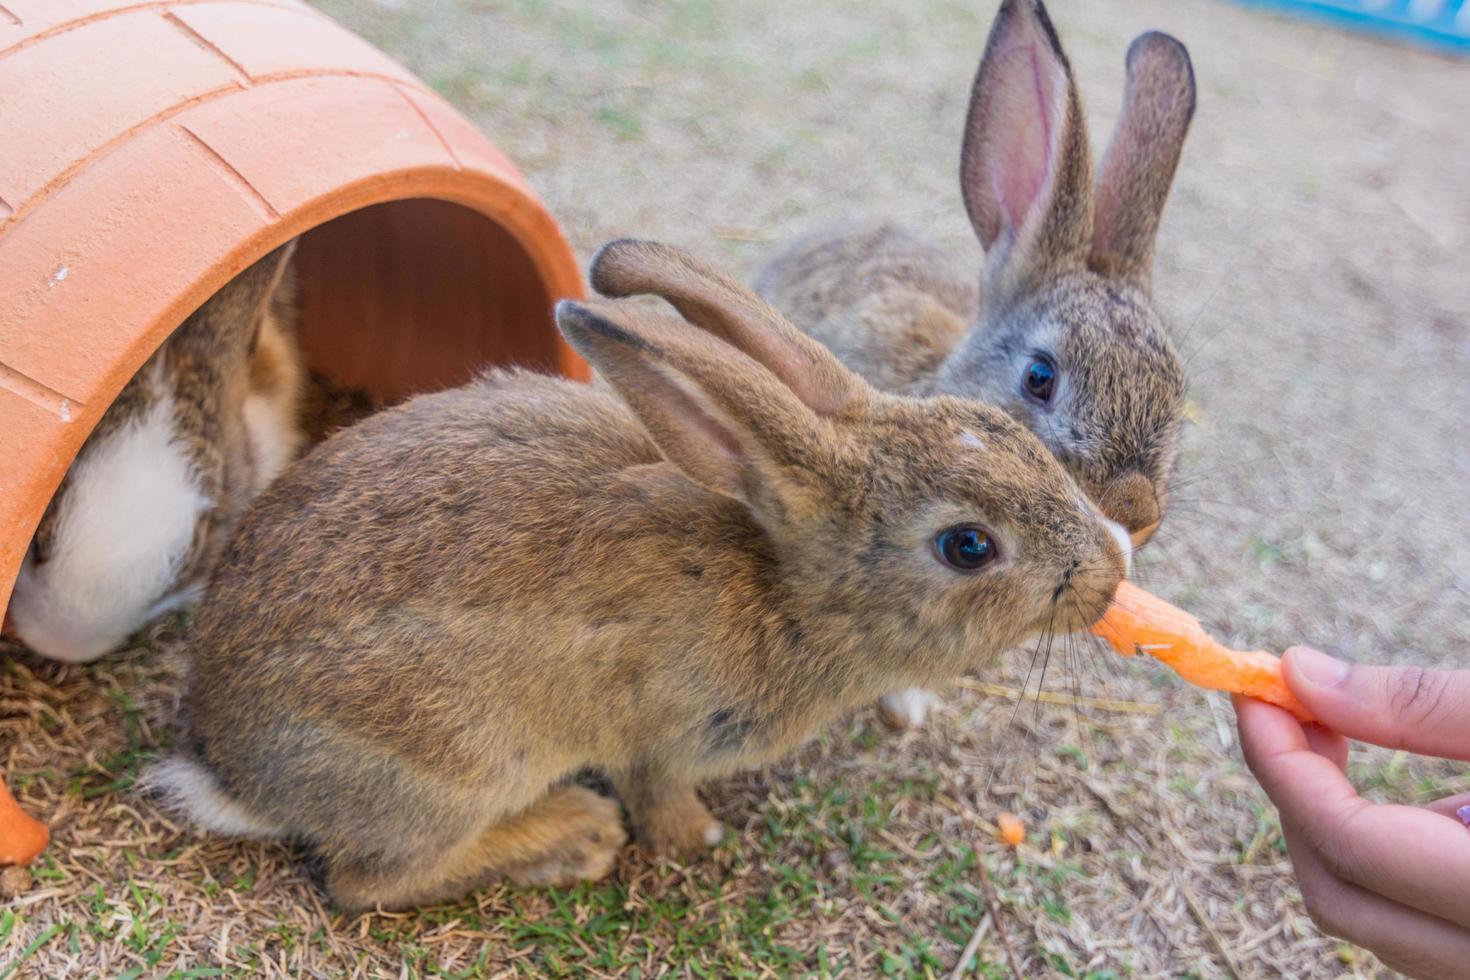 le lapin mange de la carotte photo